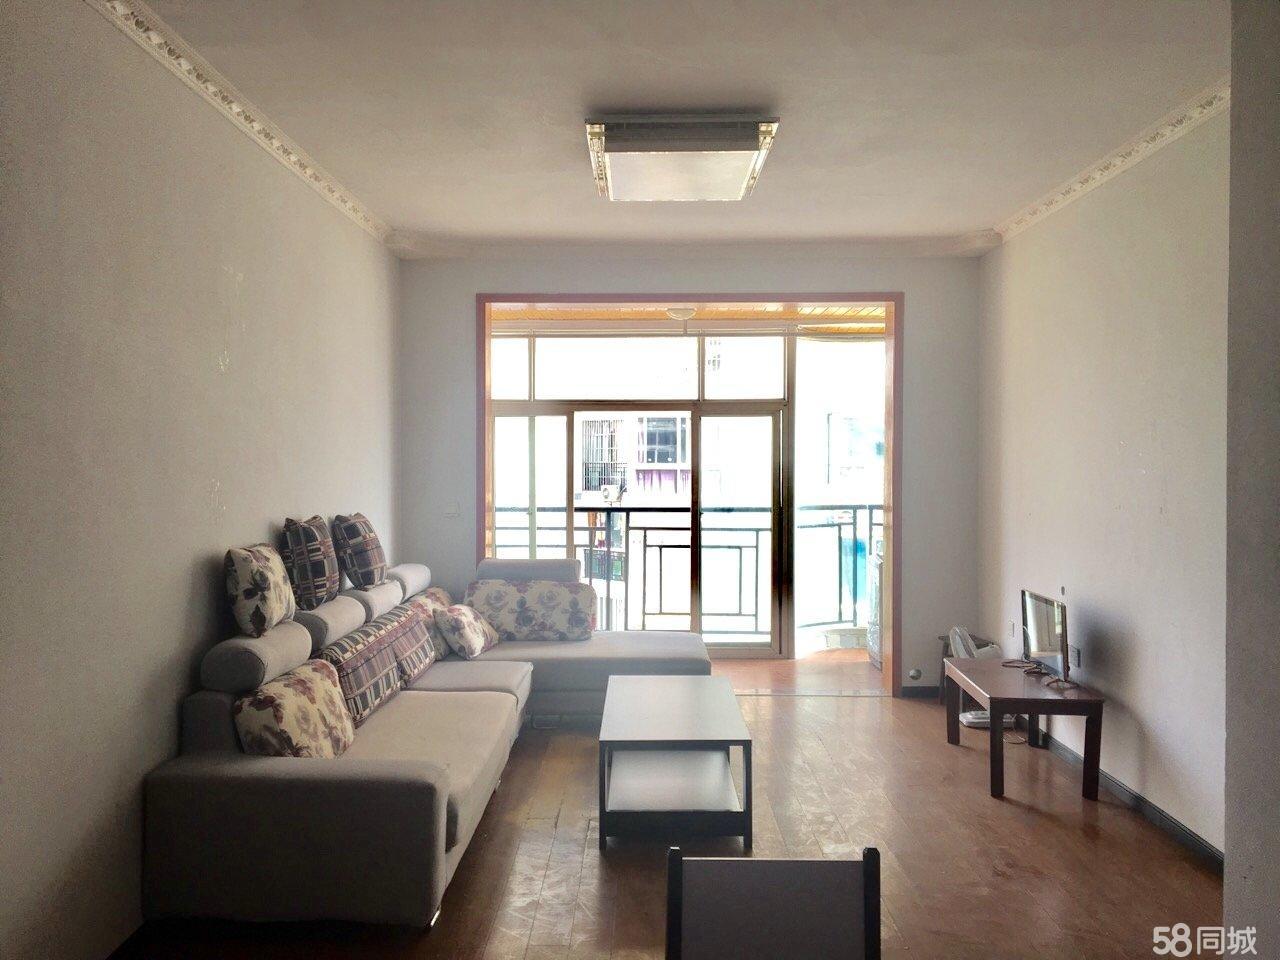 河东新区香林雅郡2室2厅90平米精装修年付